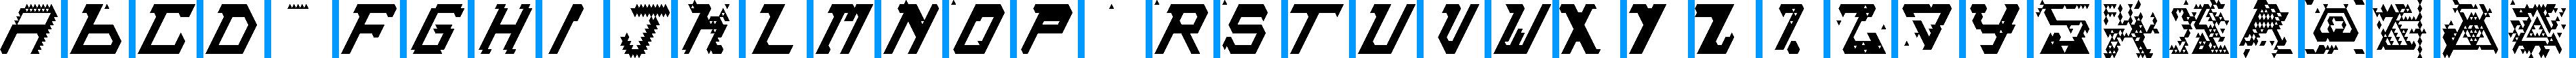 Particip-a-type v.232